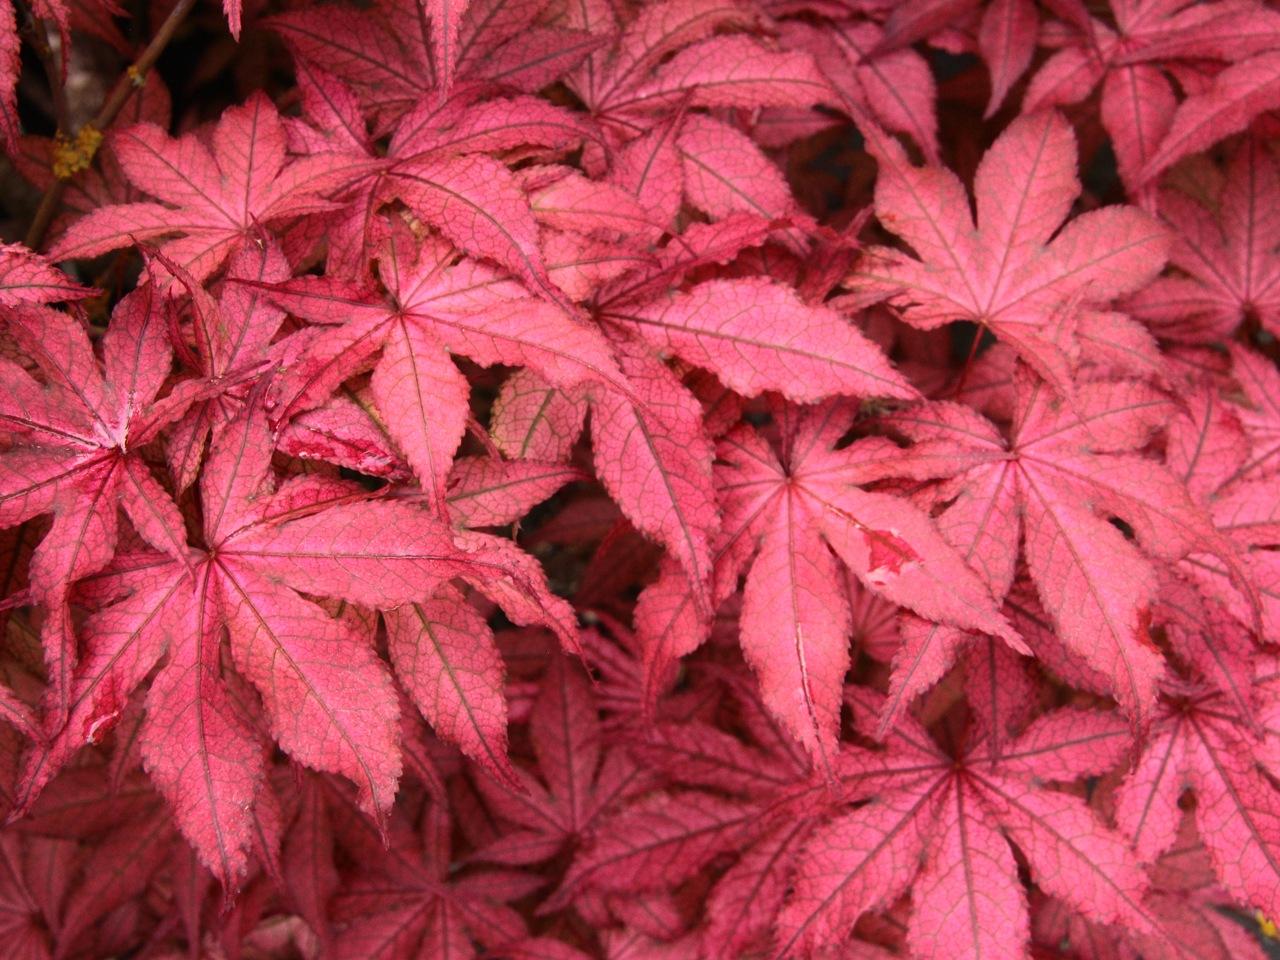 Acer palmatum Amagi shigure Japanese maple broadleaf red dwarf